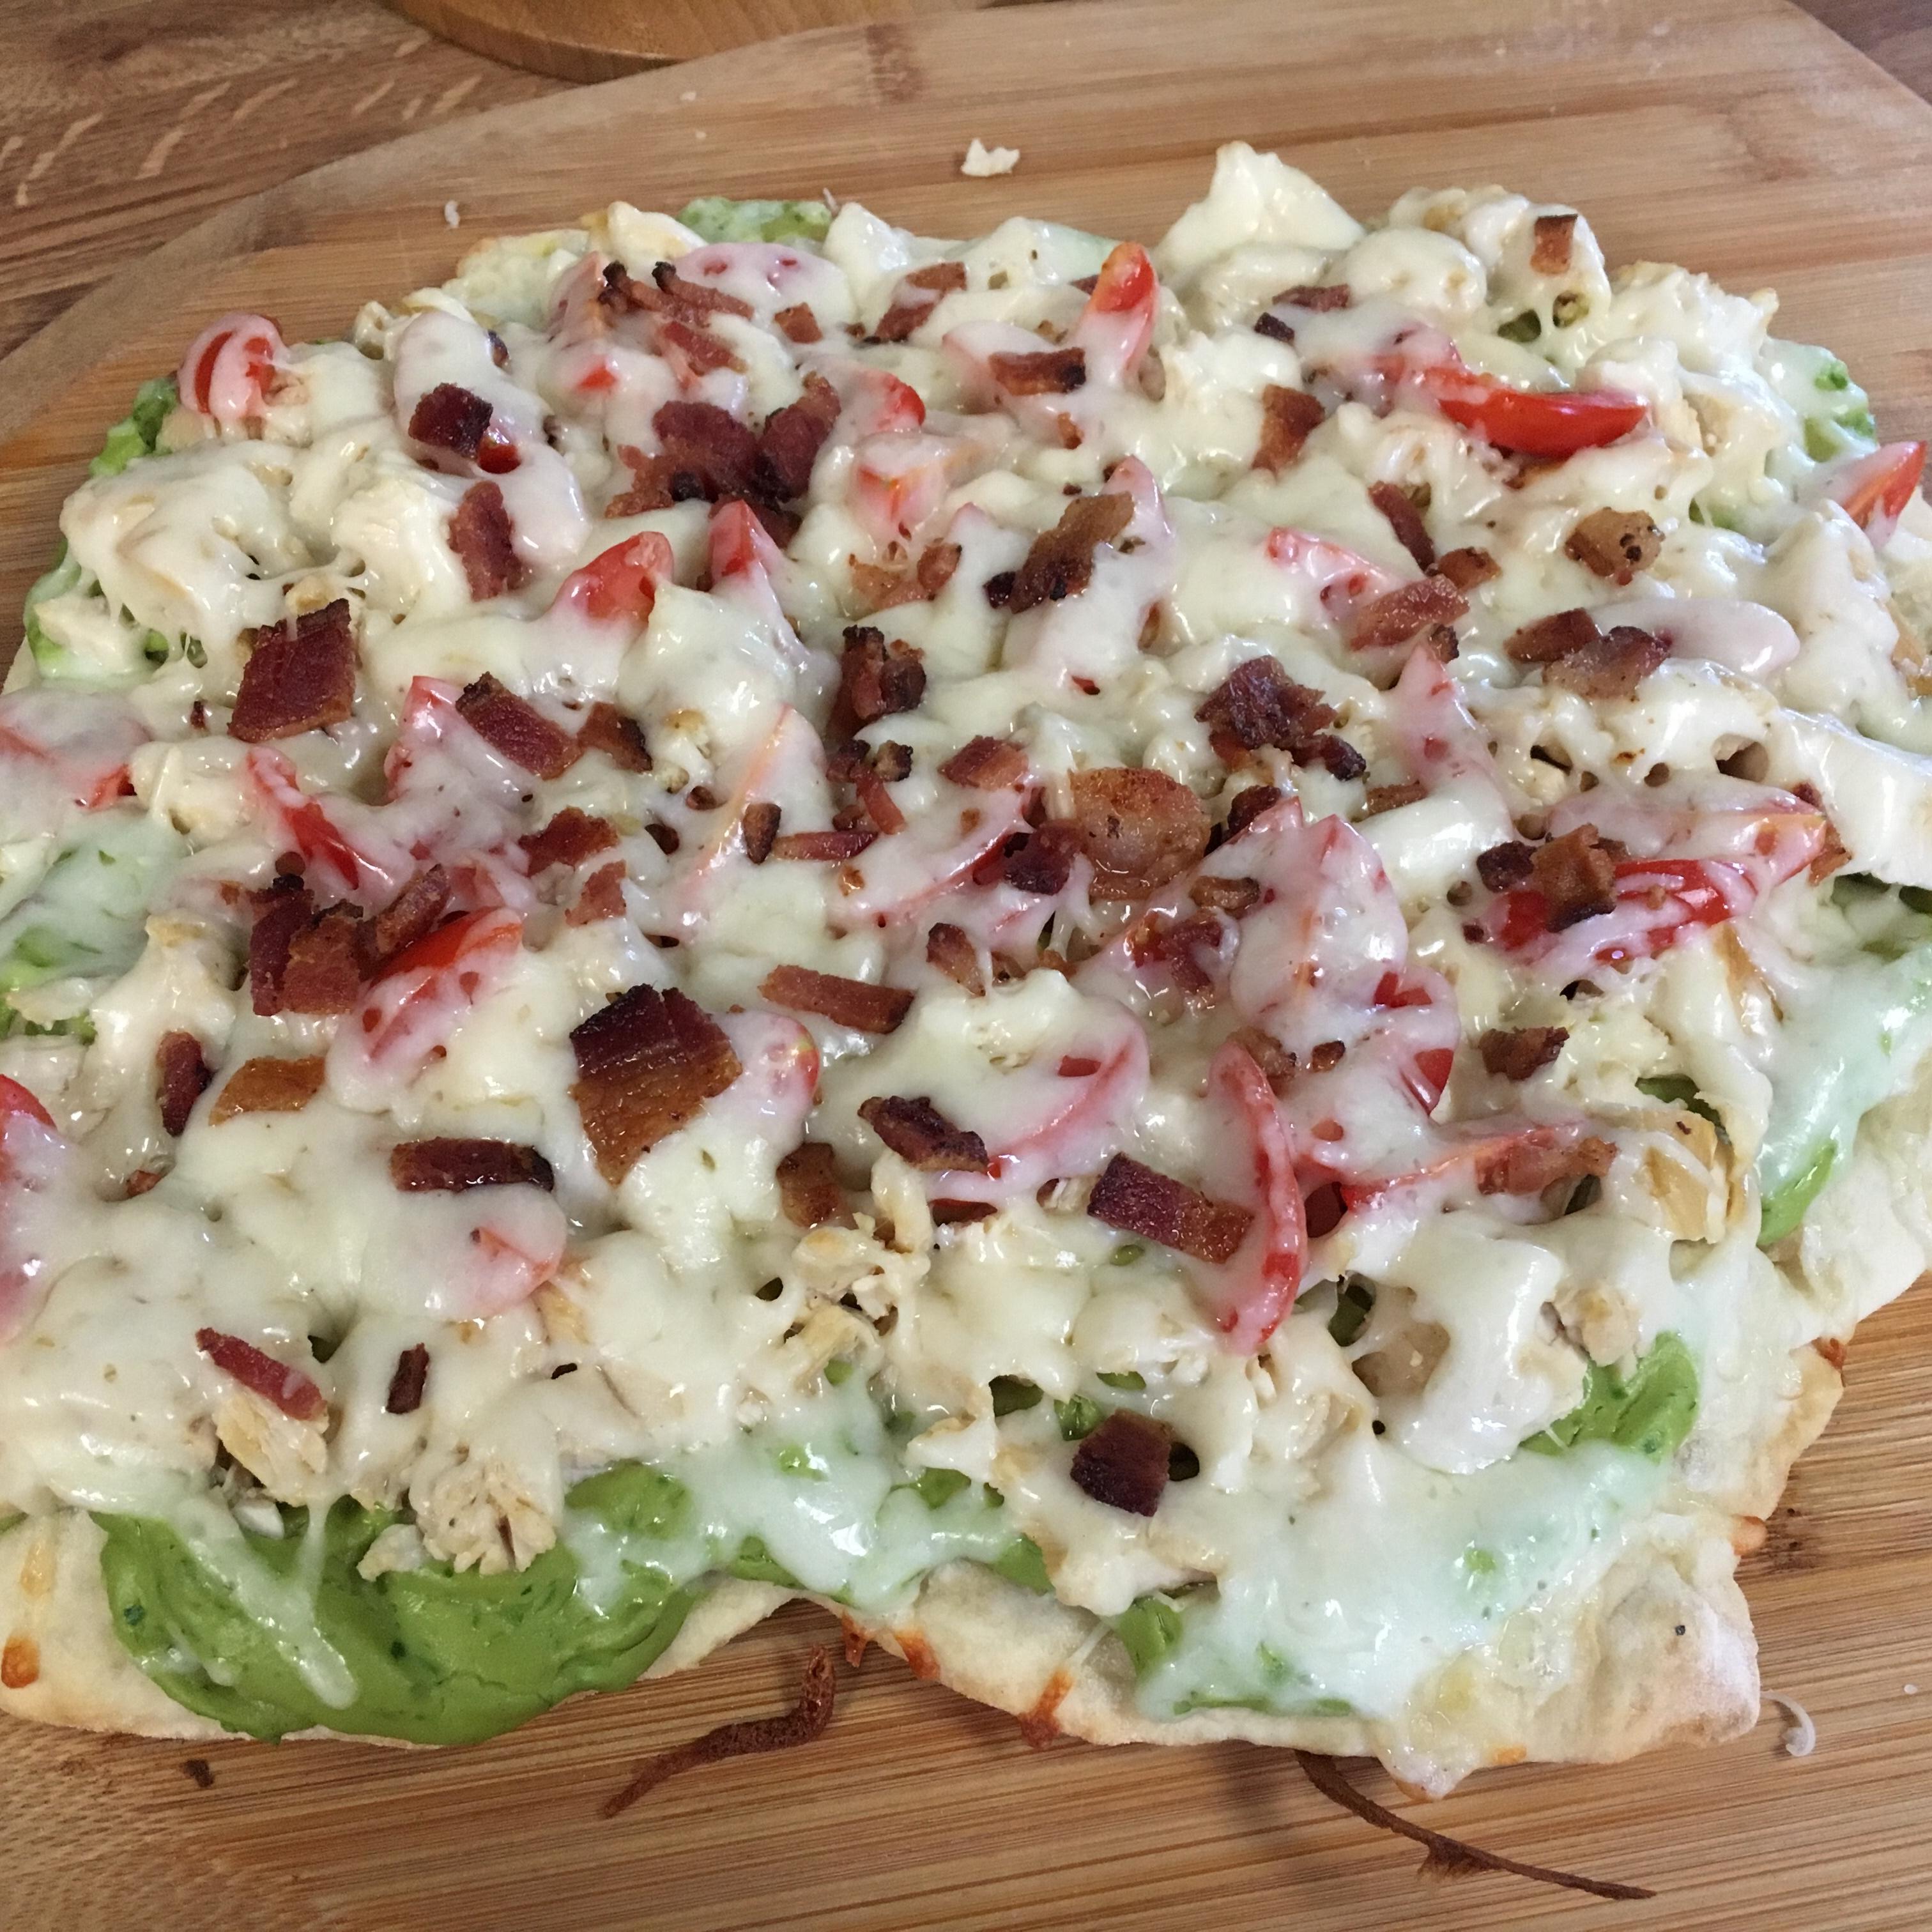 Chicken Avocado Pizza greennoah4